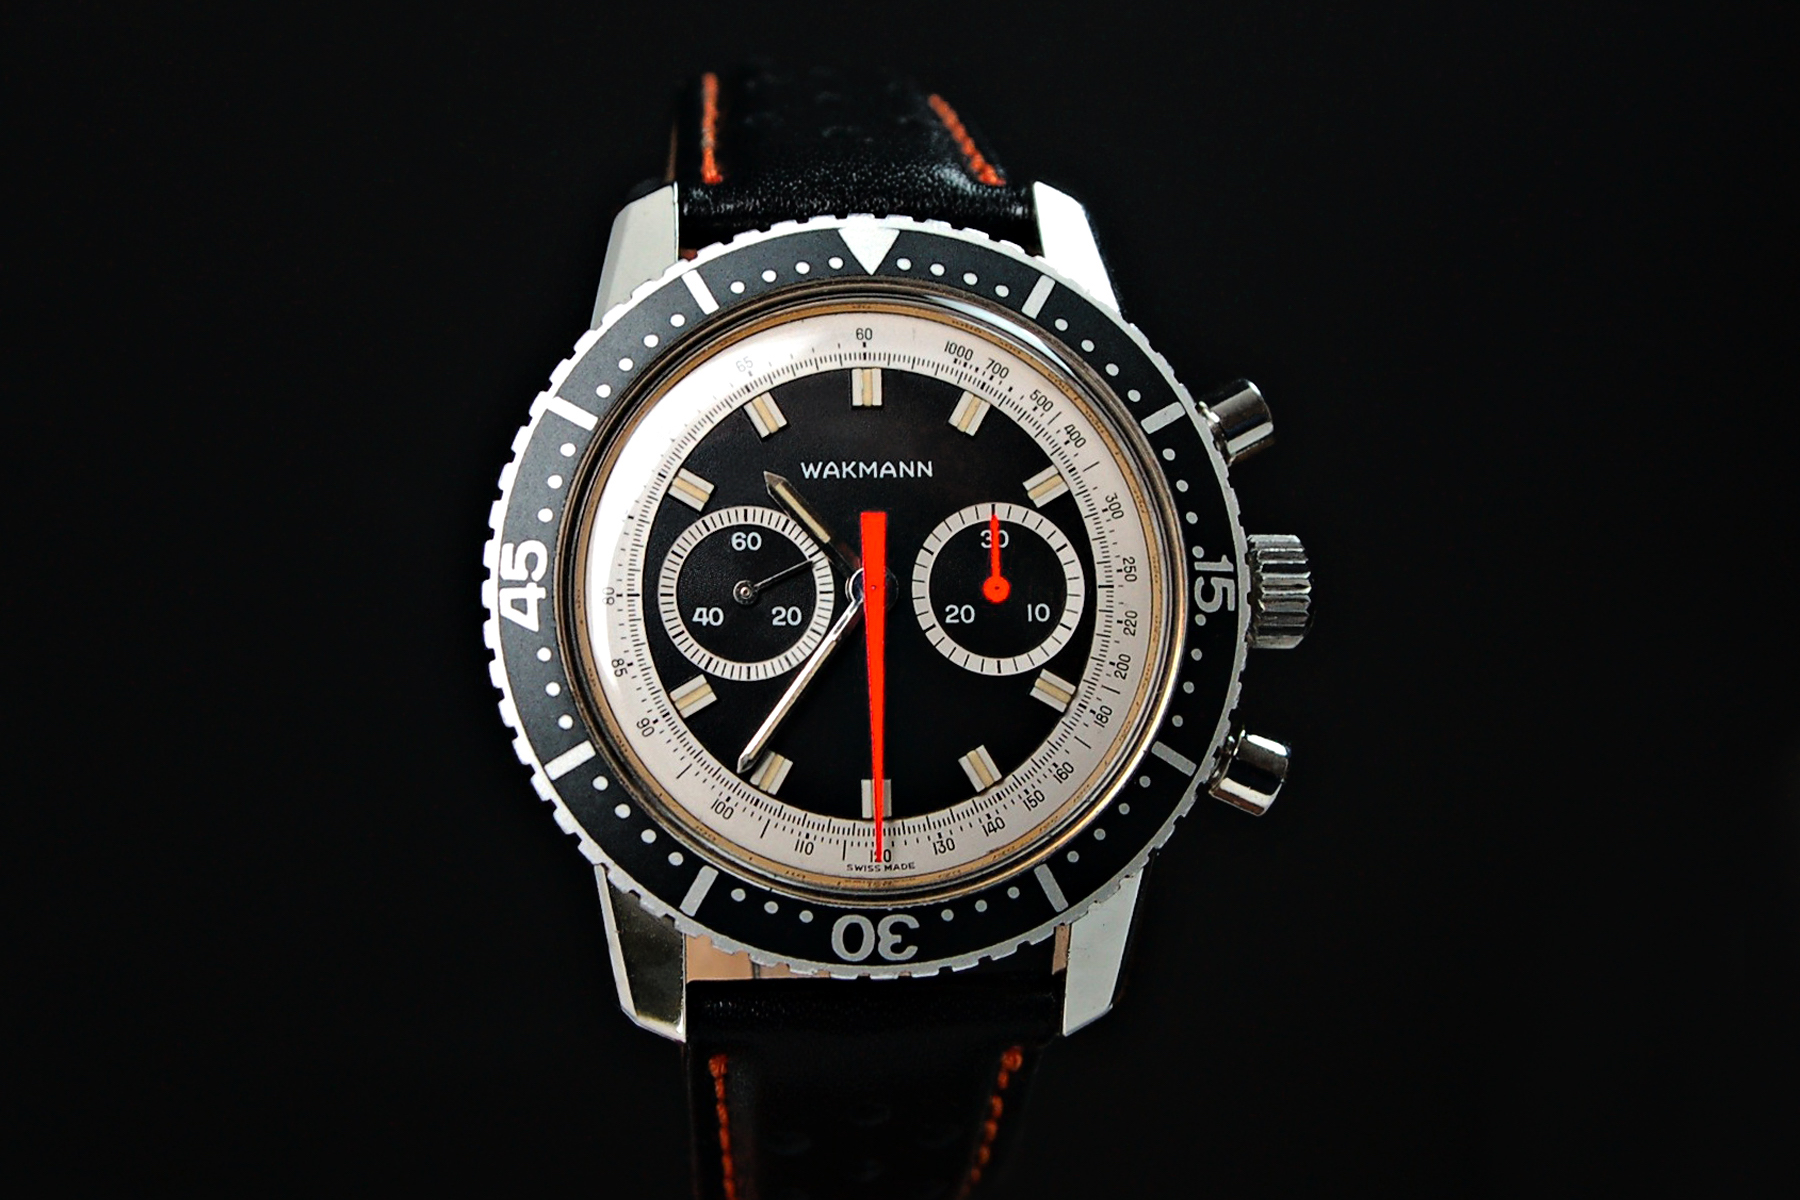 History Wakmann Watch Company